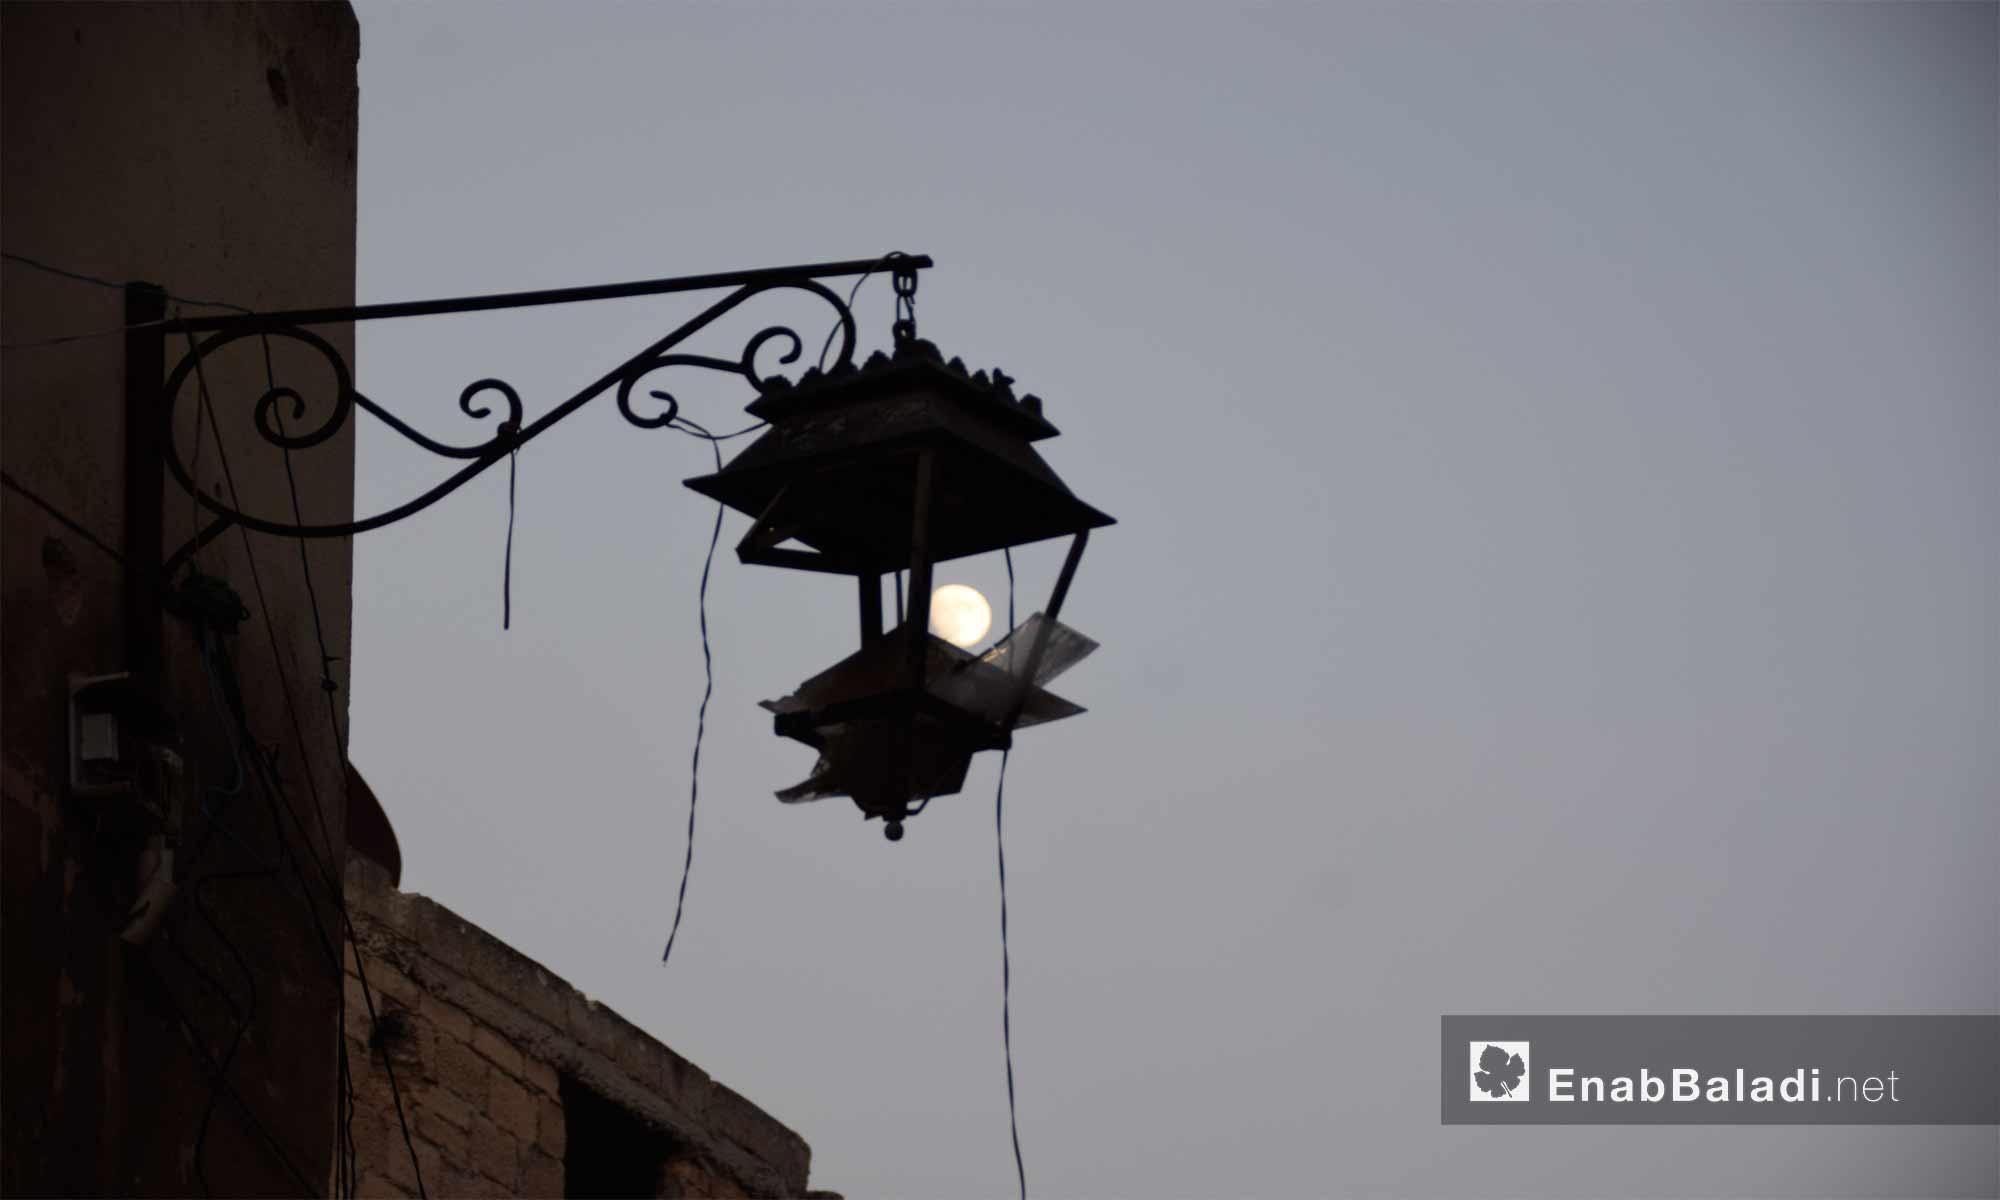 القمر قبل اكتماله في مدينة حلب - 12 تشرين الأول 2016 (عنب بلدي)